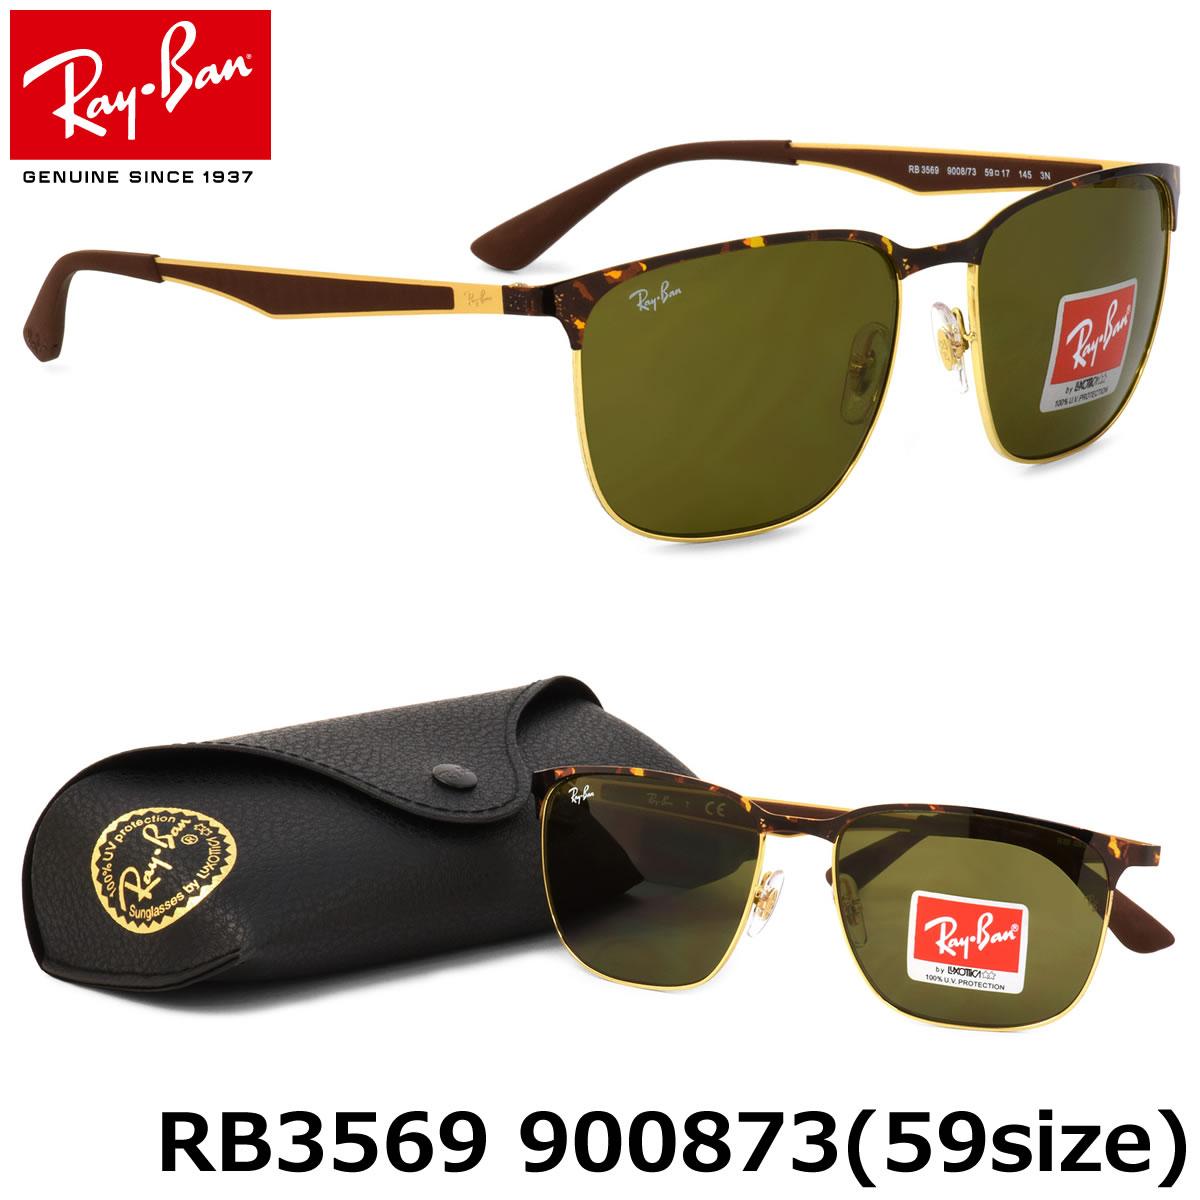 33db47e4d9 RB3569は、Ray-Ban を象徴するモデルのひとつであるクラブマスターに代表されるブロータイプサングラスをフラットメタルで表現したトレンド感にあふれたモデルです。